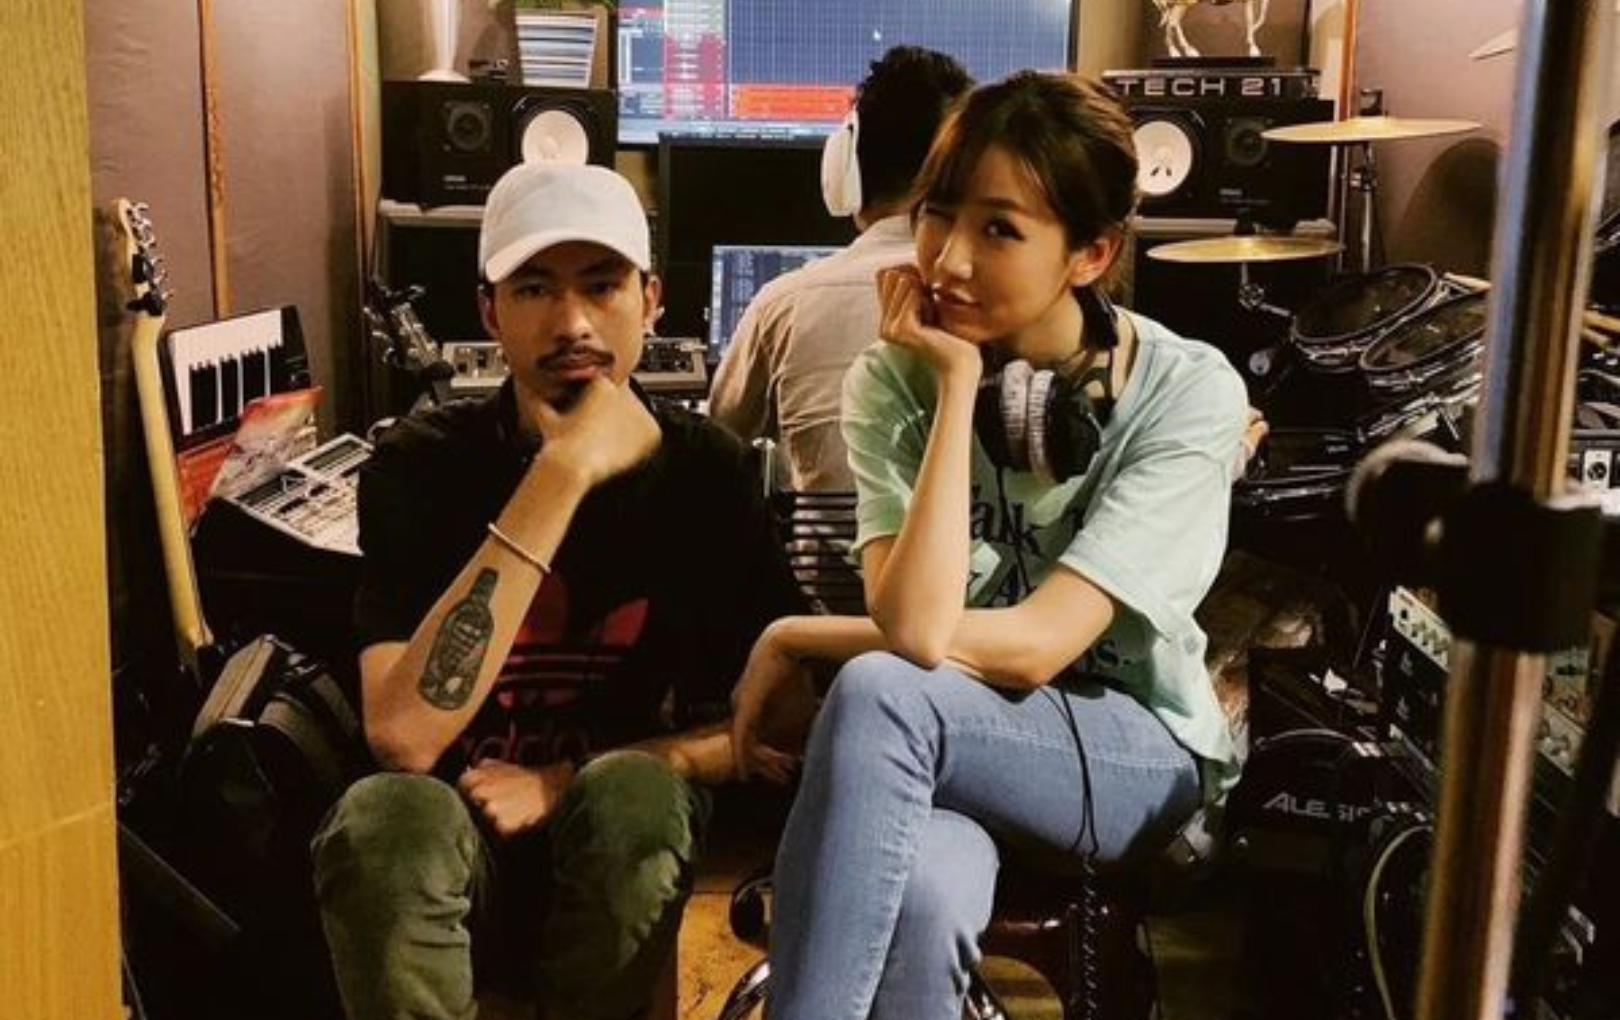 Đen Vâu tung sản phẩm kết hợp cùng Min, bây giờ thì đã biết đặt tên bài hát là gì rồi